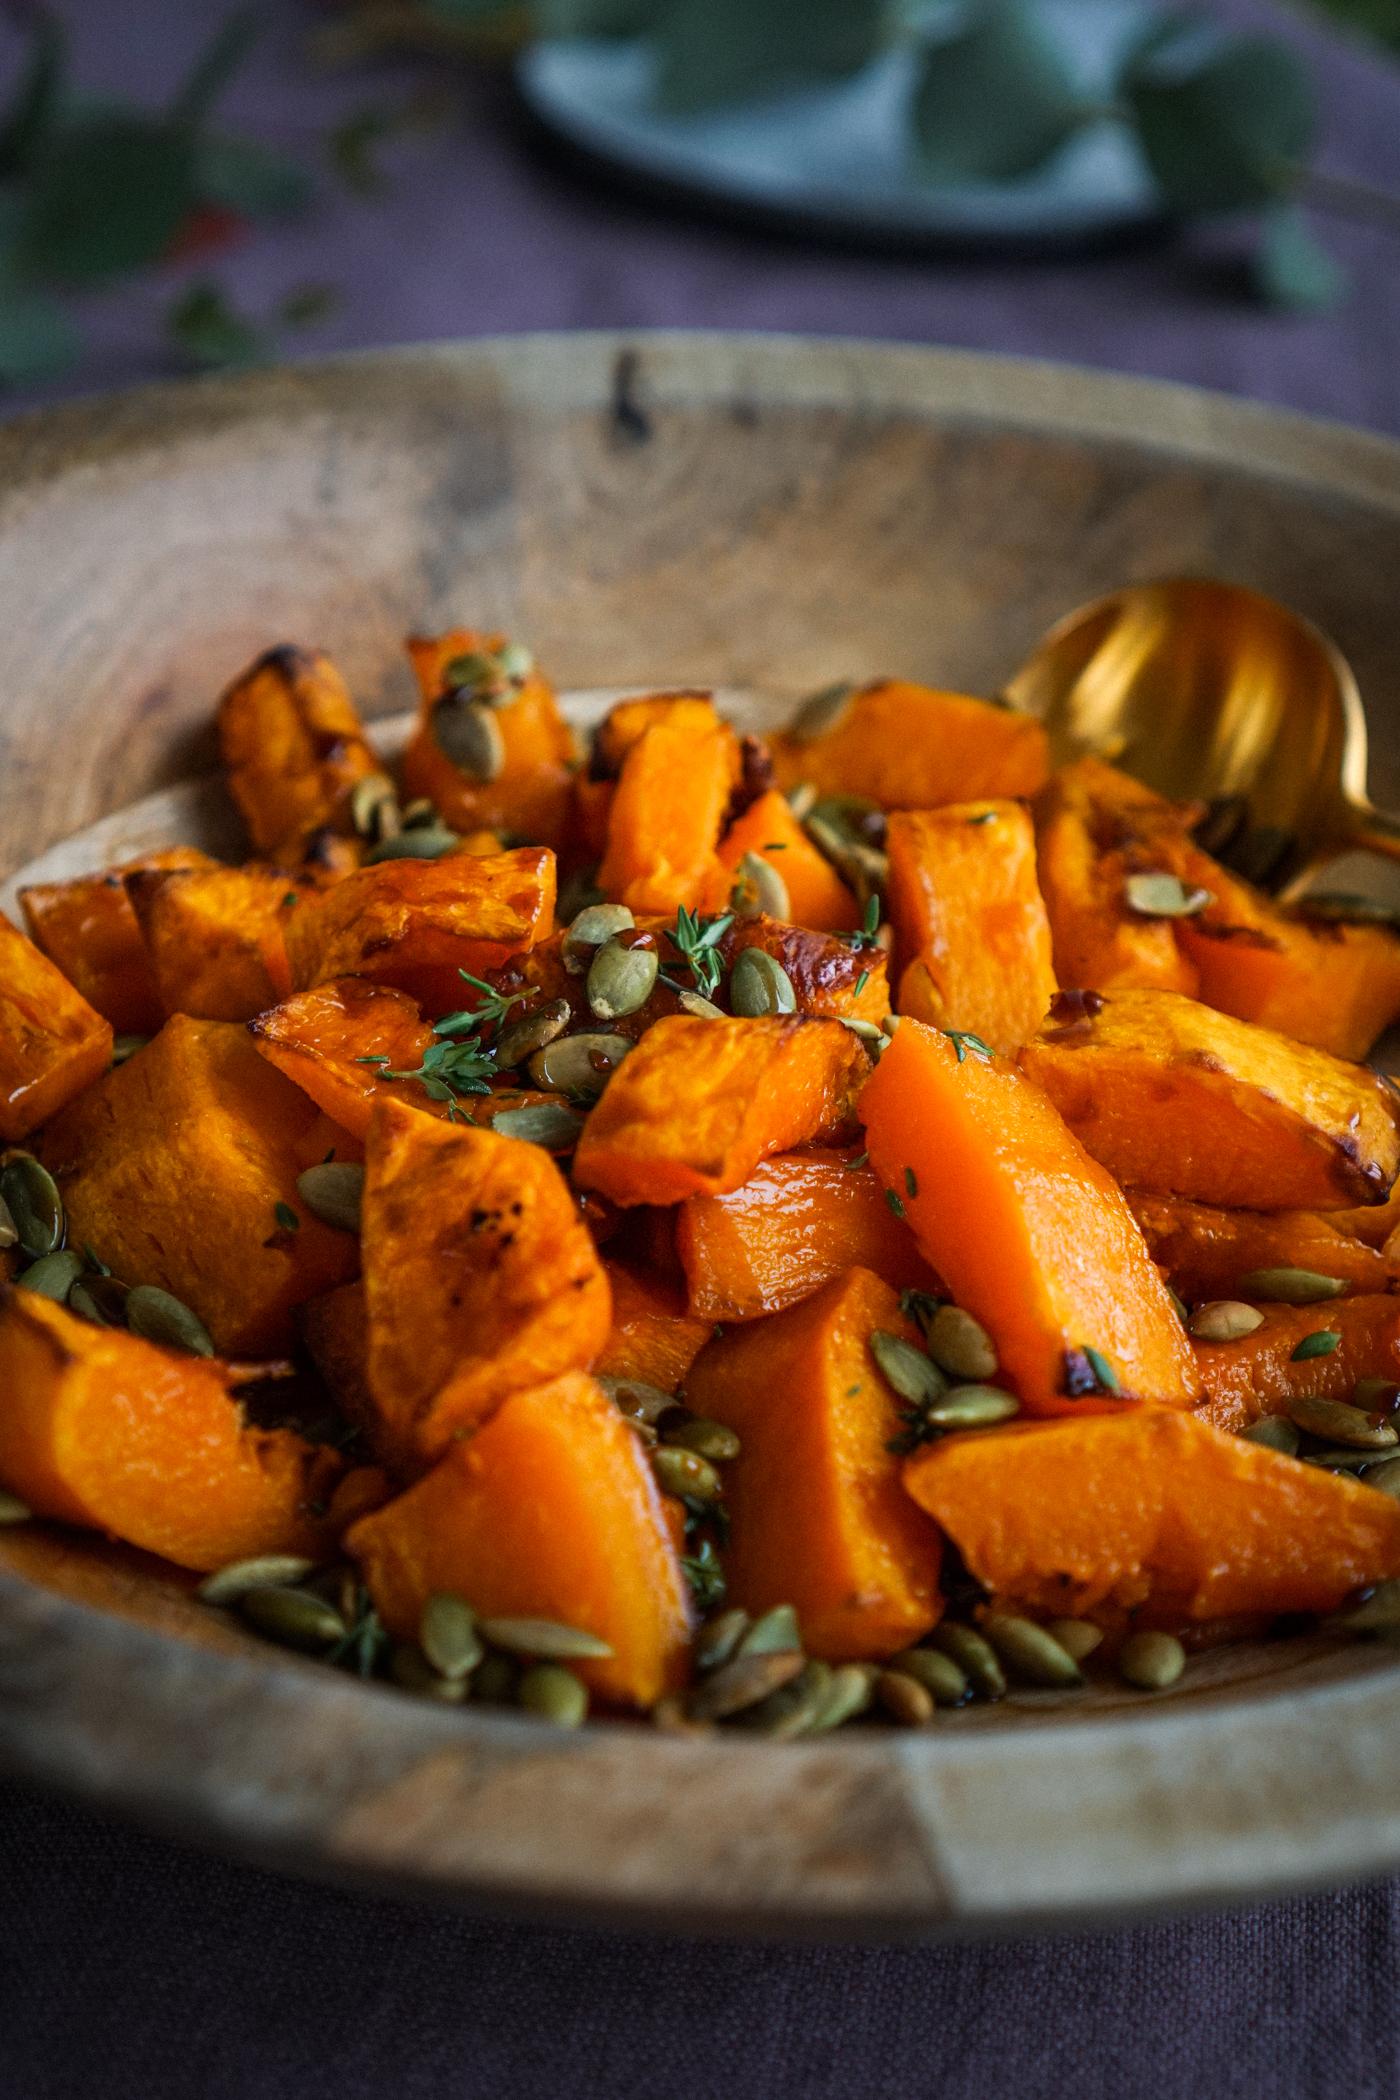 maple_butternut_squash_with_pumpkin_seeds-4.jpg